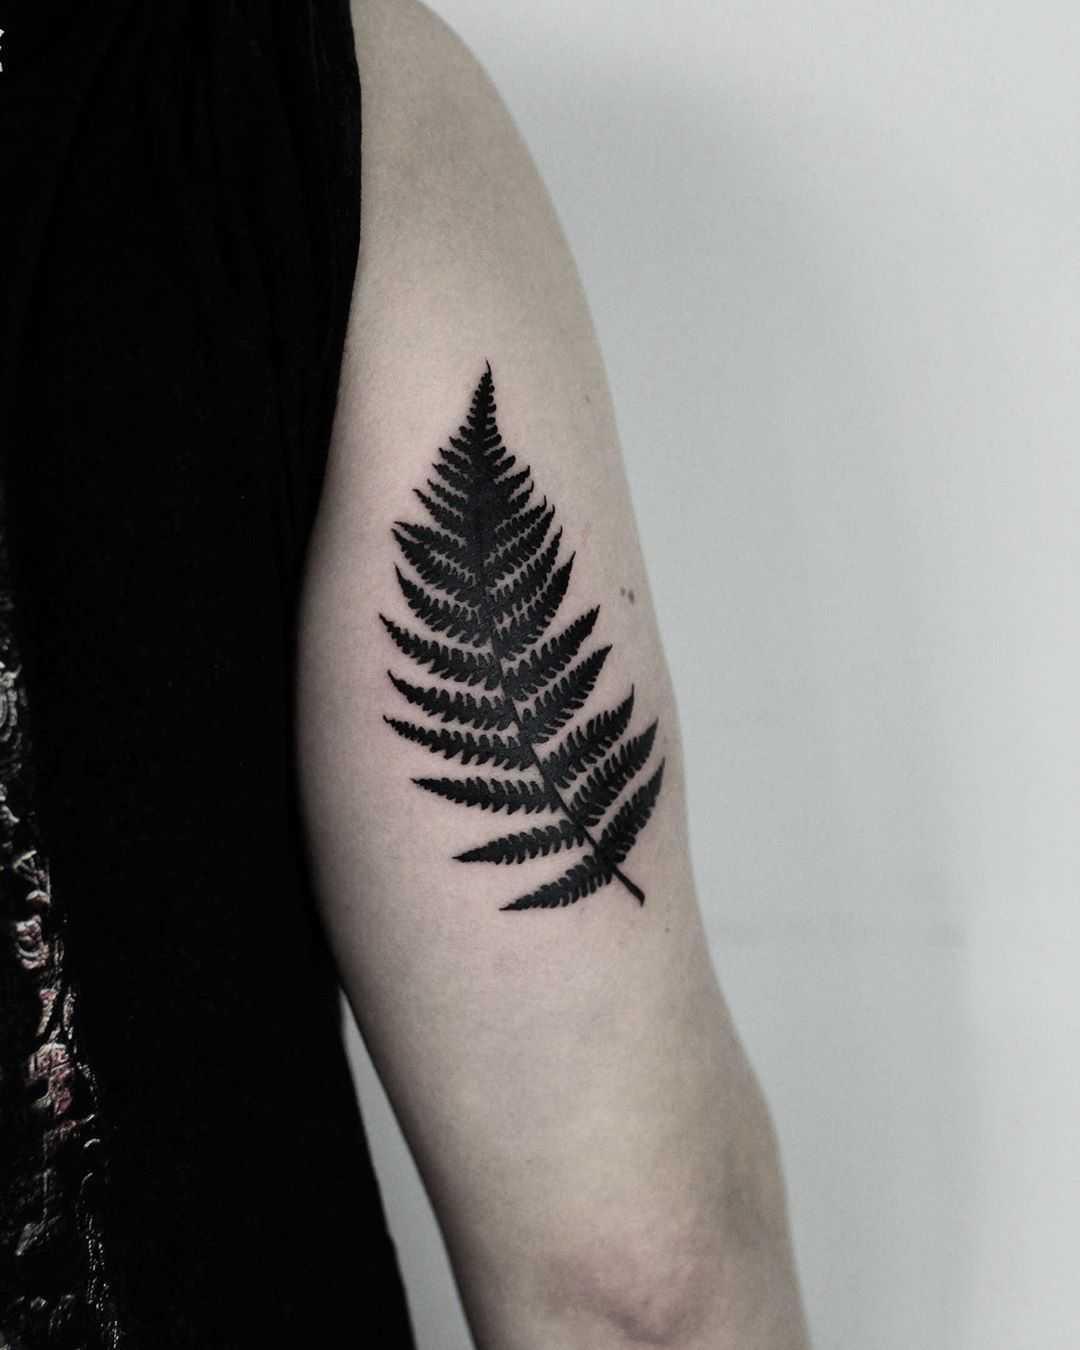 Black fearn leaf by tattooist Spence @zz tattoo